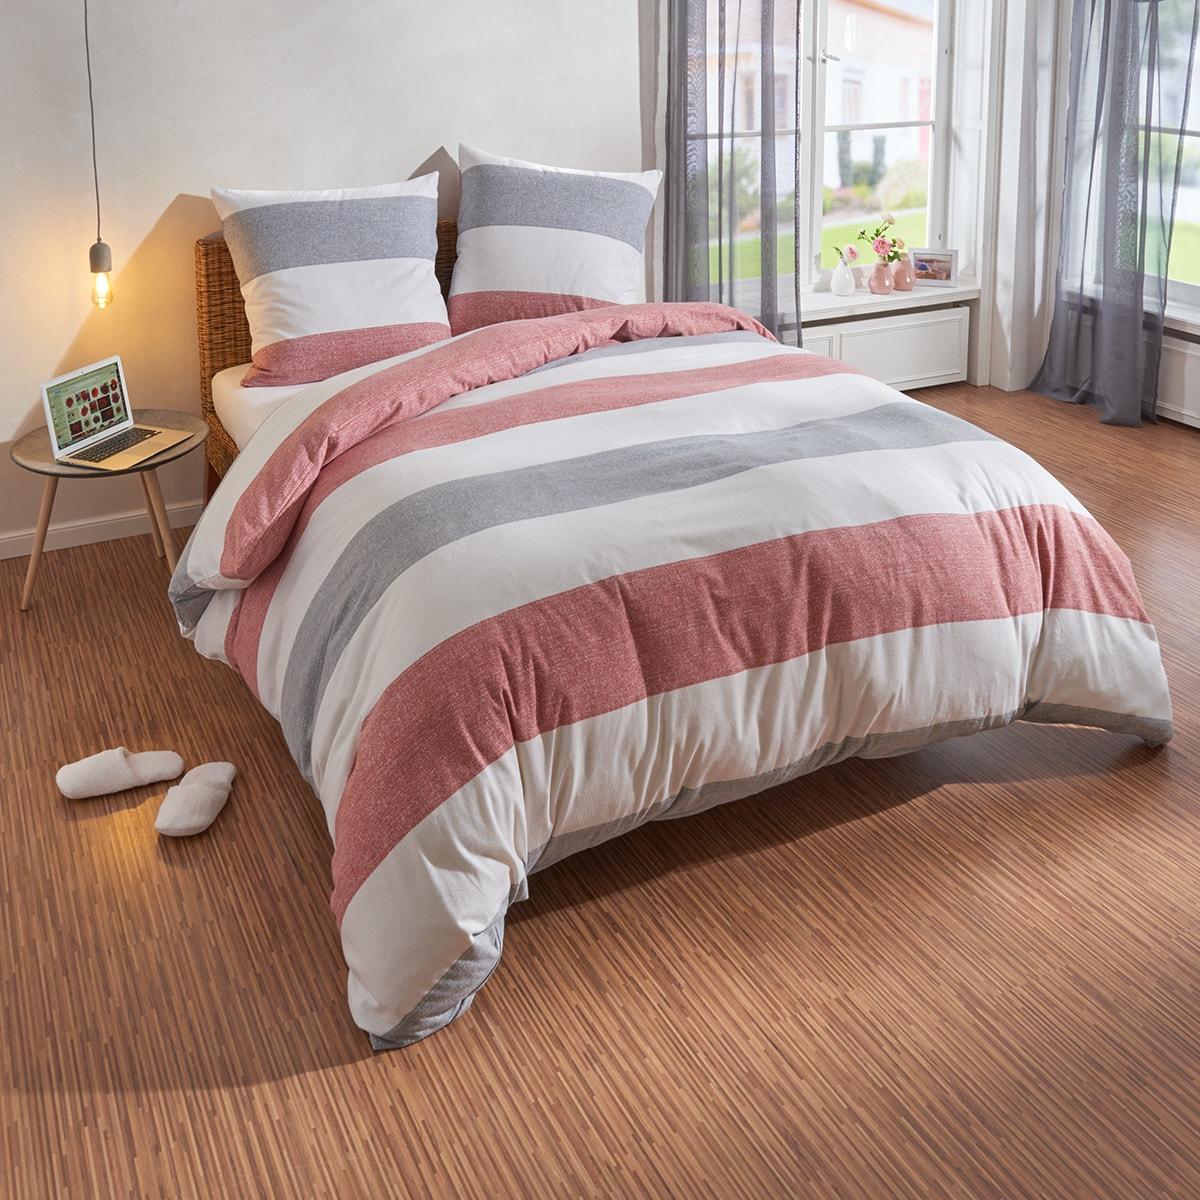 Grau Rot Baumwolle Bettwäsche Garnituren Online Kaufen Möbel